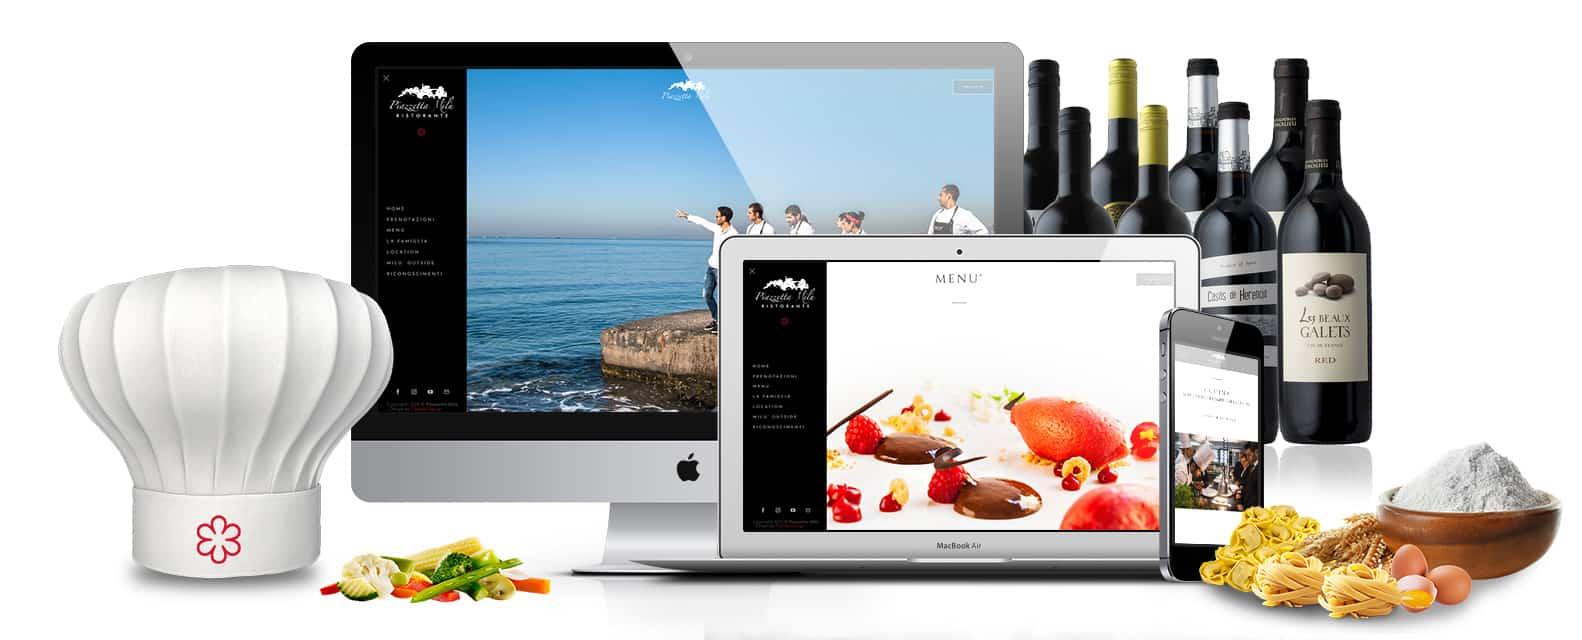 sito web ristorante stellato michelin piazzetta milu castellammare napoli